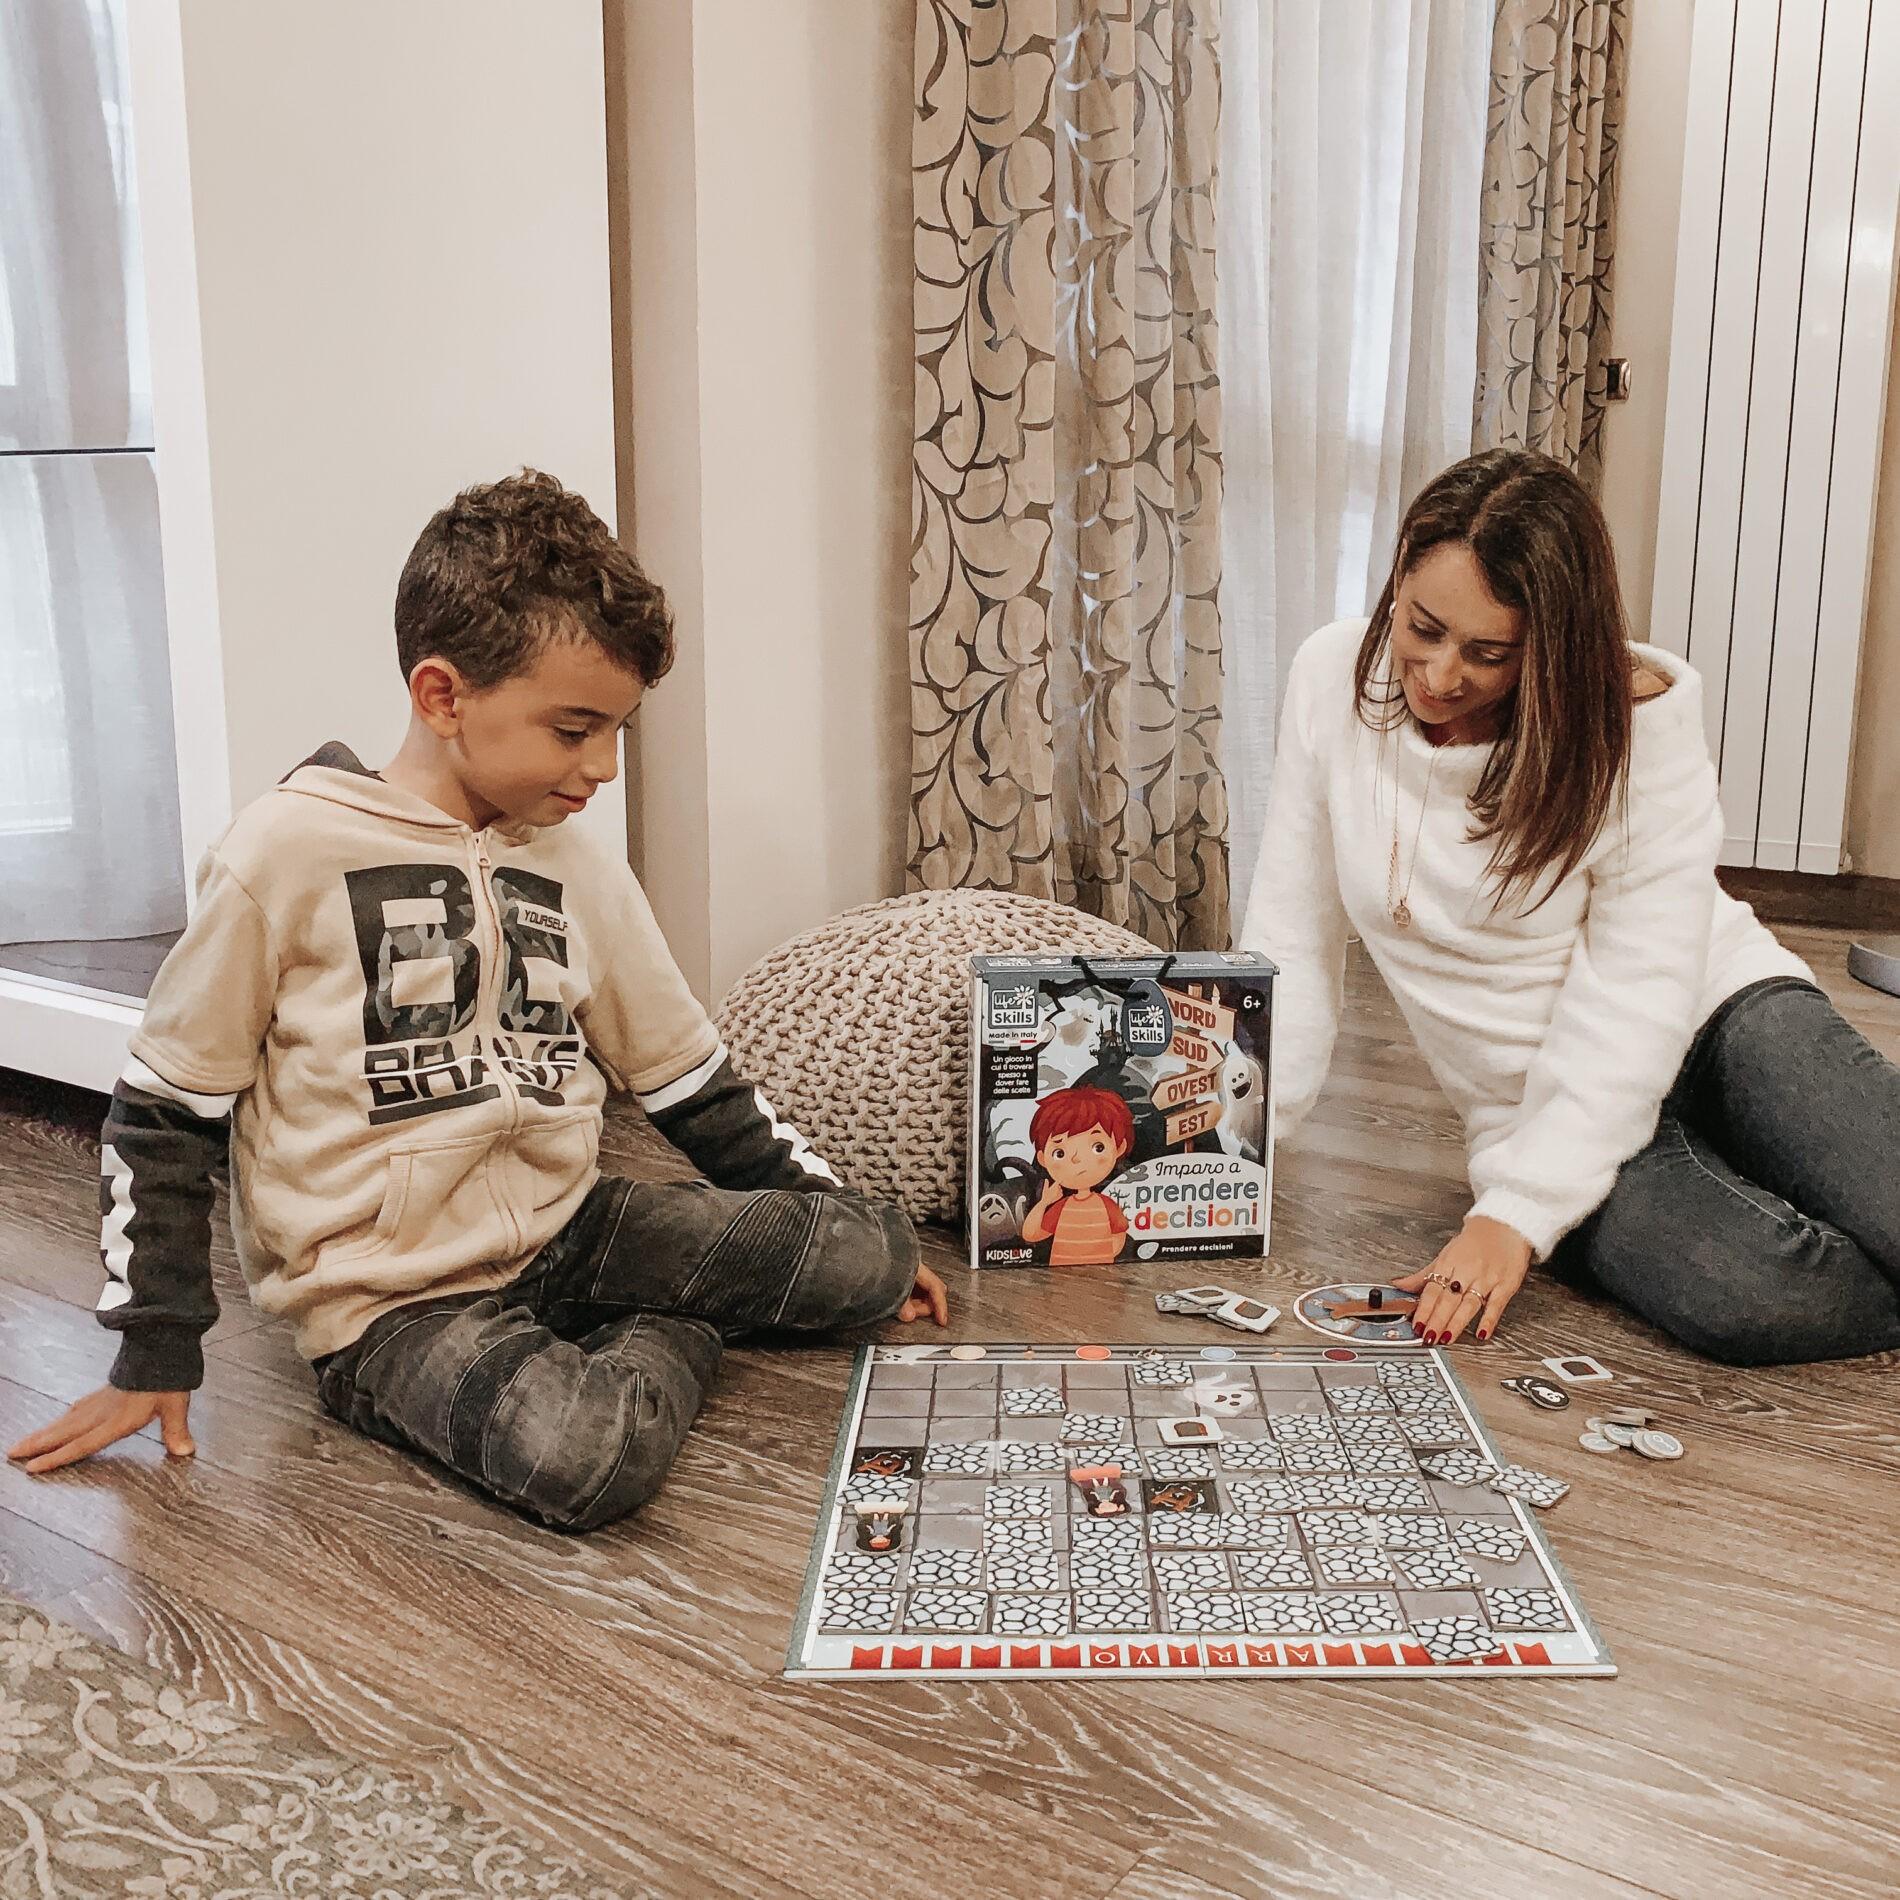 giochi psicoeducativi di Kidslove Lisciani